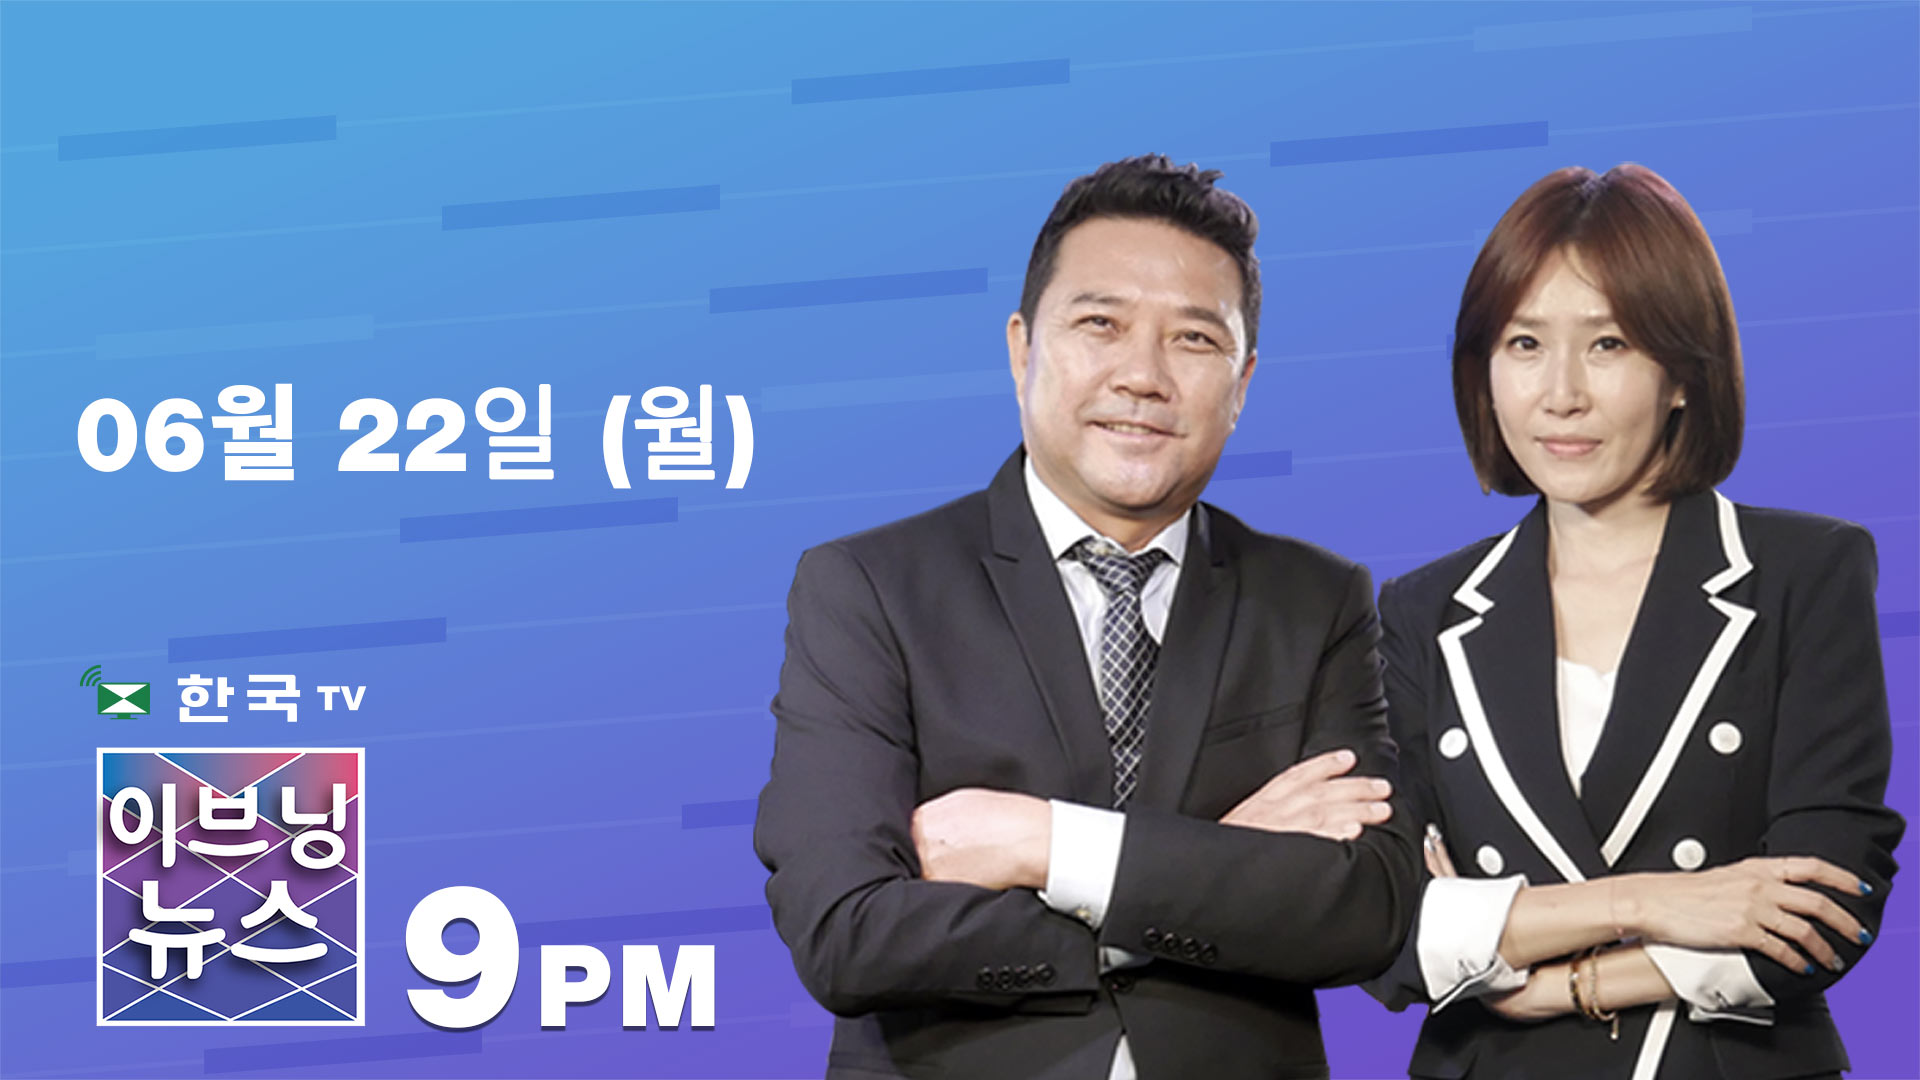 (06.22.2020) 한국TV 이브닝 뉴스